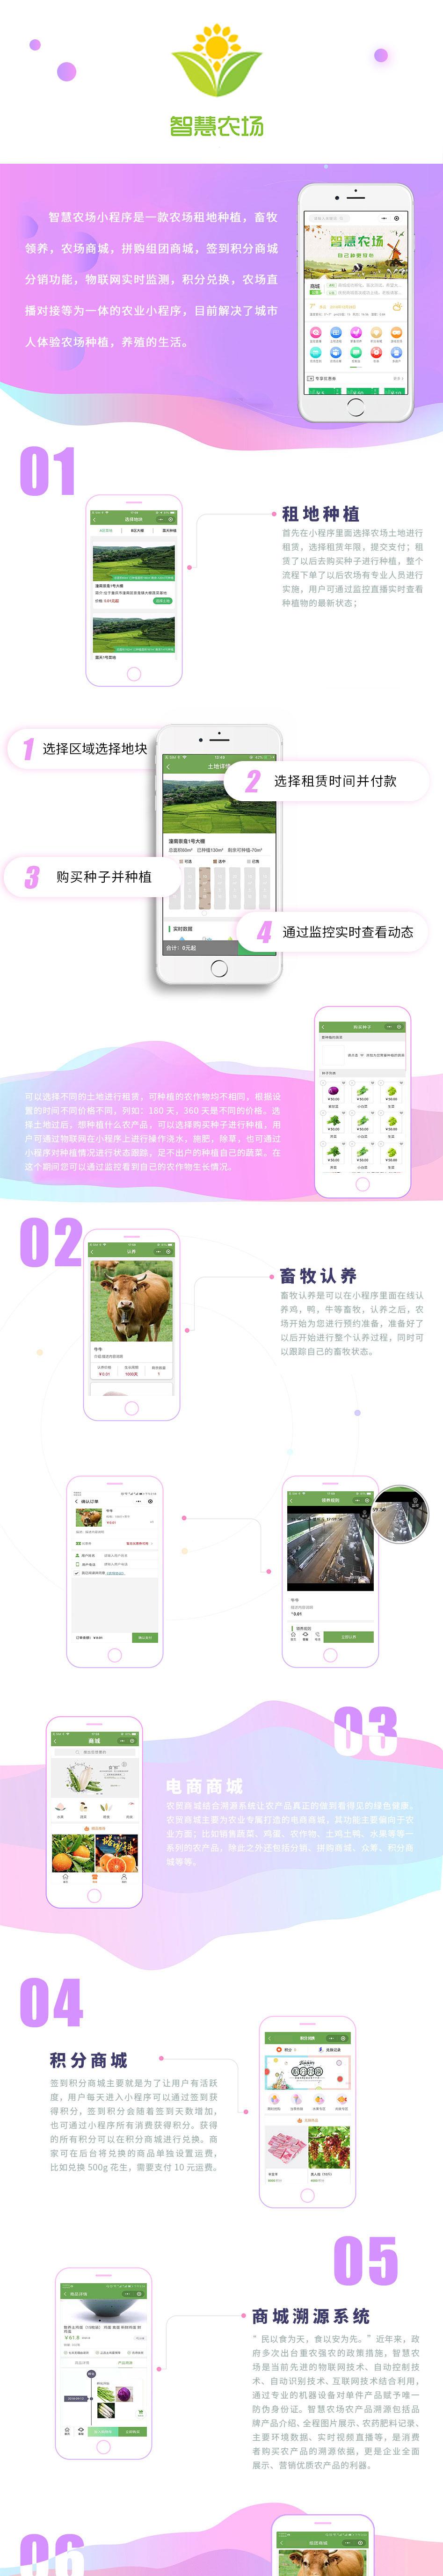 智慧农场V1.9.4+活动报名1.0.6+众筹1.1.0 原版